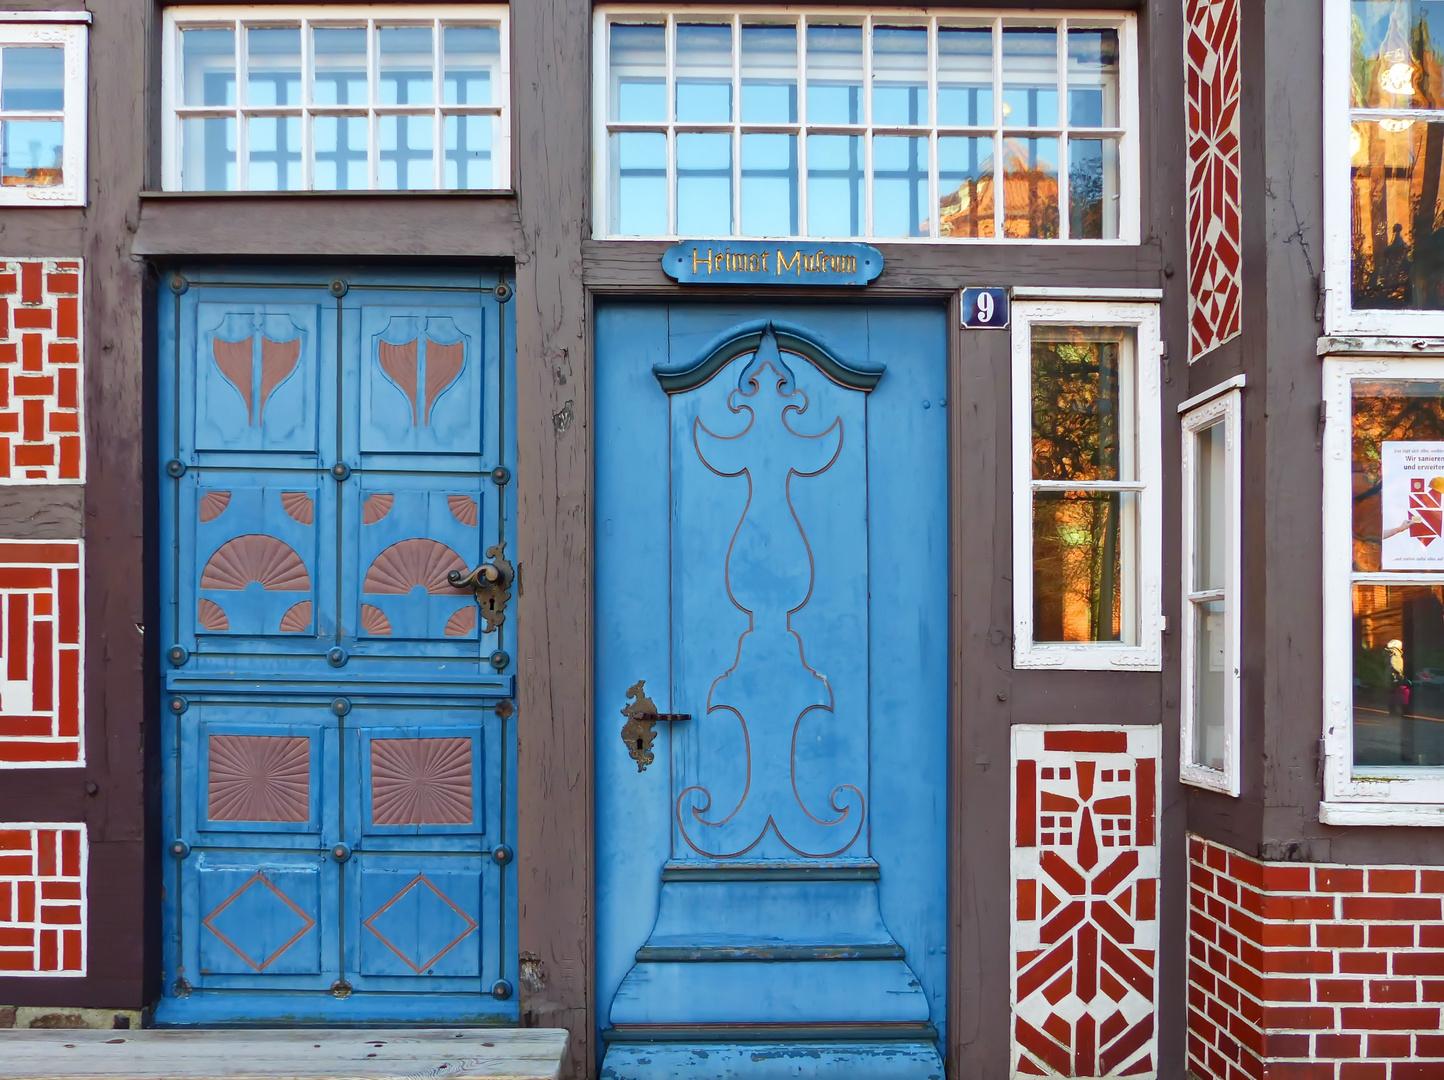 Kleine spiegel foto bild world spezial januar bilder auf fotocommunity - Spiegel sprossenfenster ...